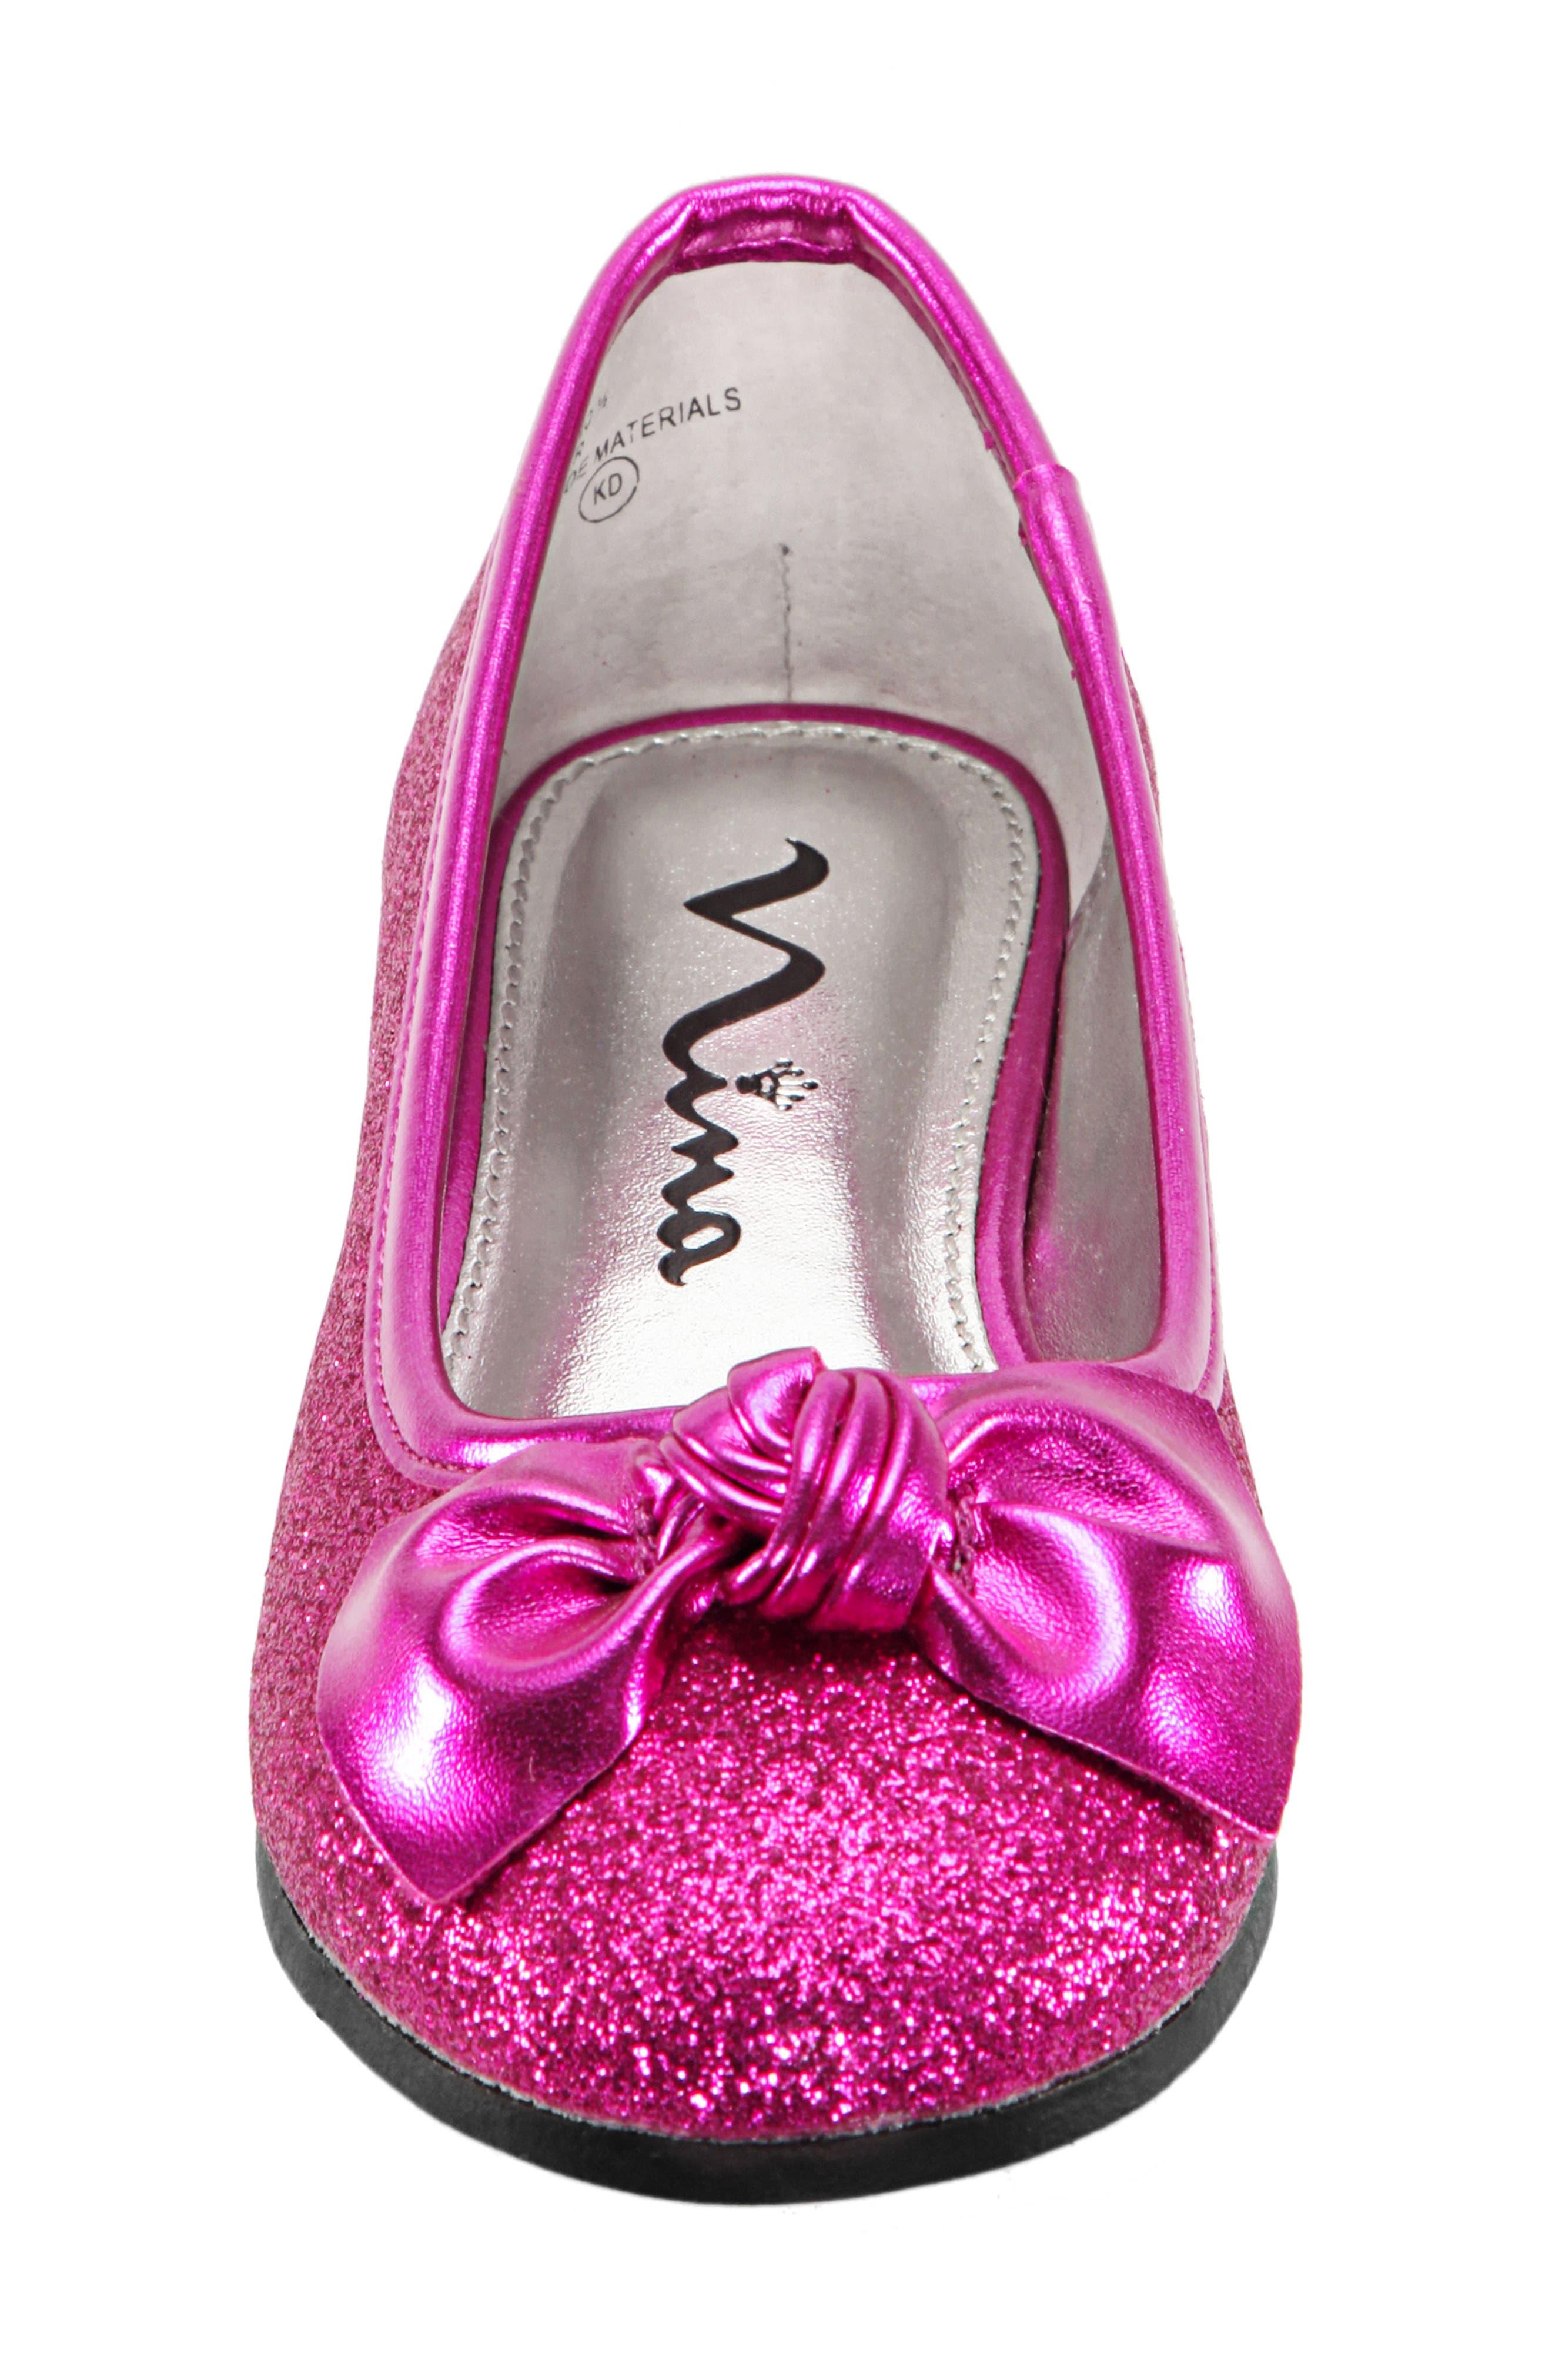 Larabeth Glitter Ballet Flat,                             Alternate thumbnail 5, color,                             Berry Metallic/ Glitter